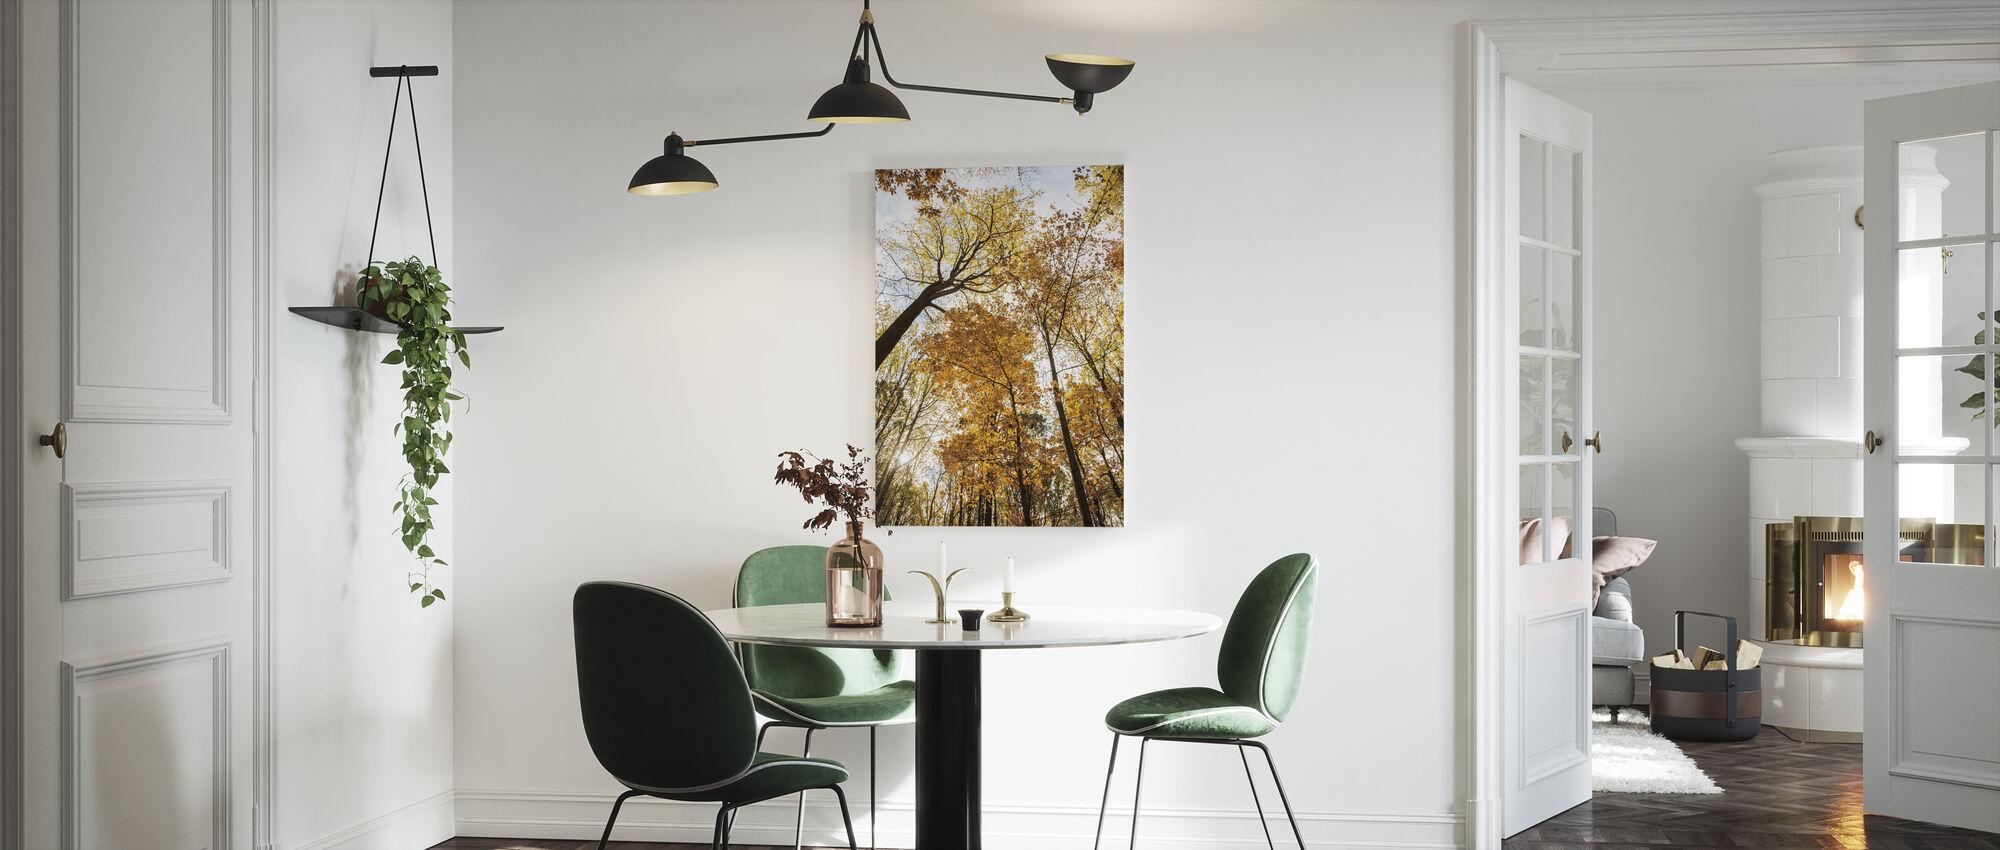 Koristavat puut II - Canvastaulu - Keittiö